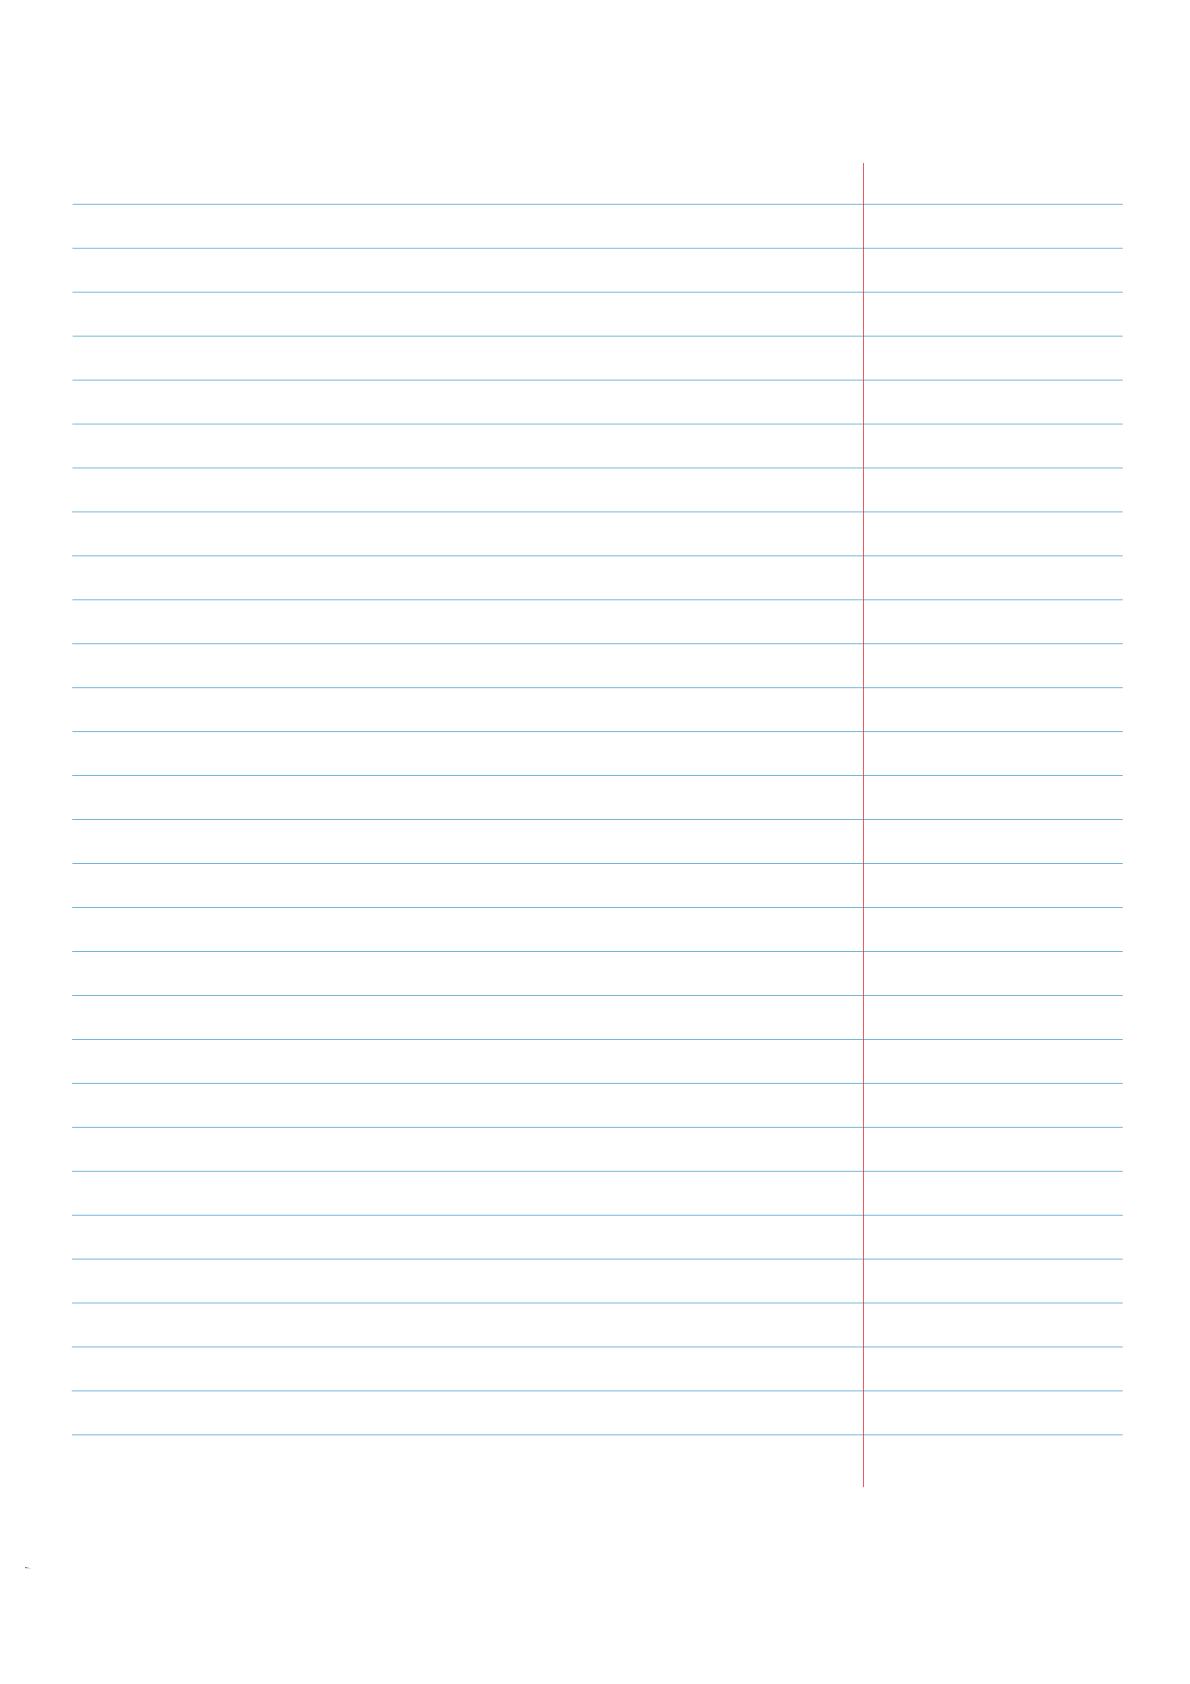 Liniertes Papier mit Korrekturrand